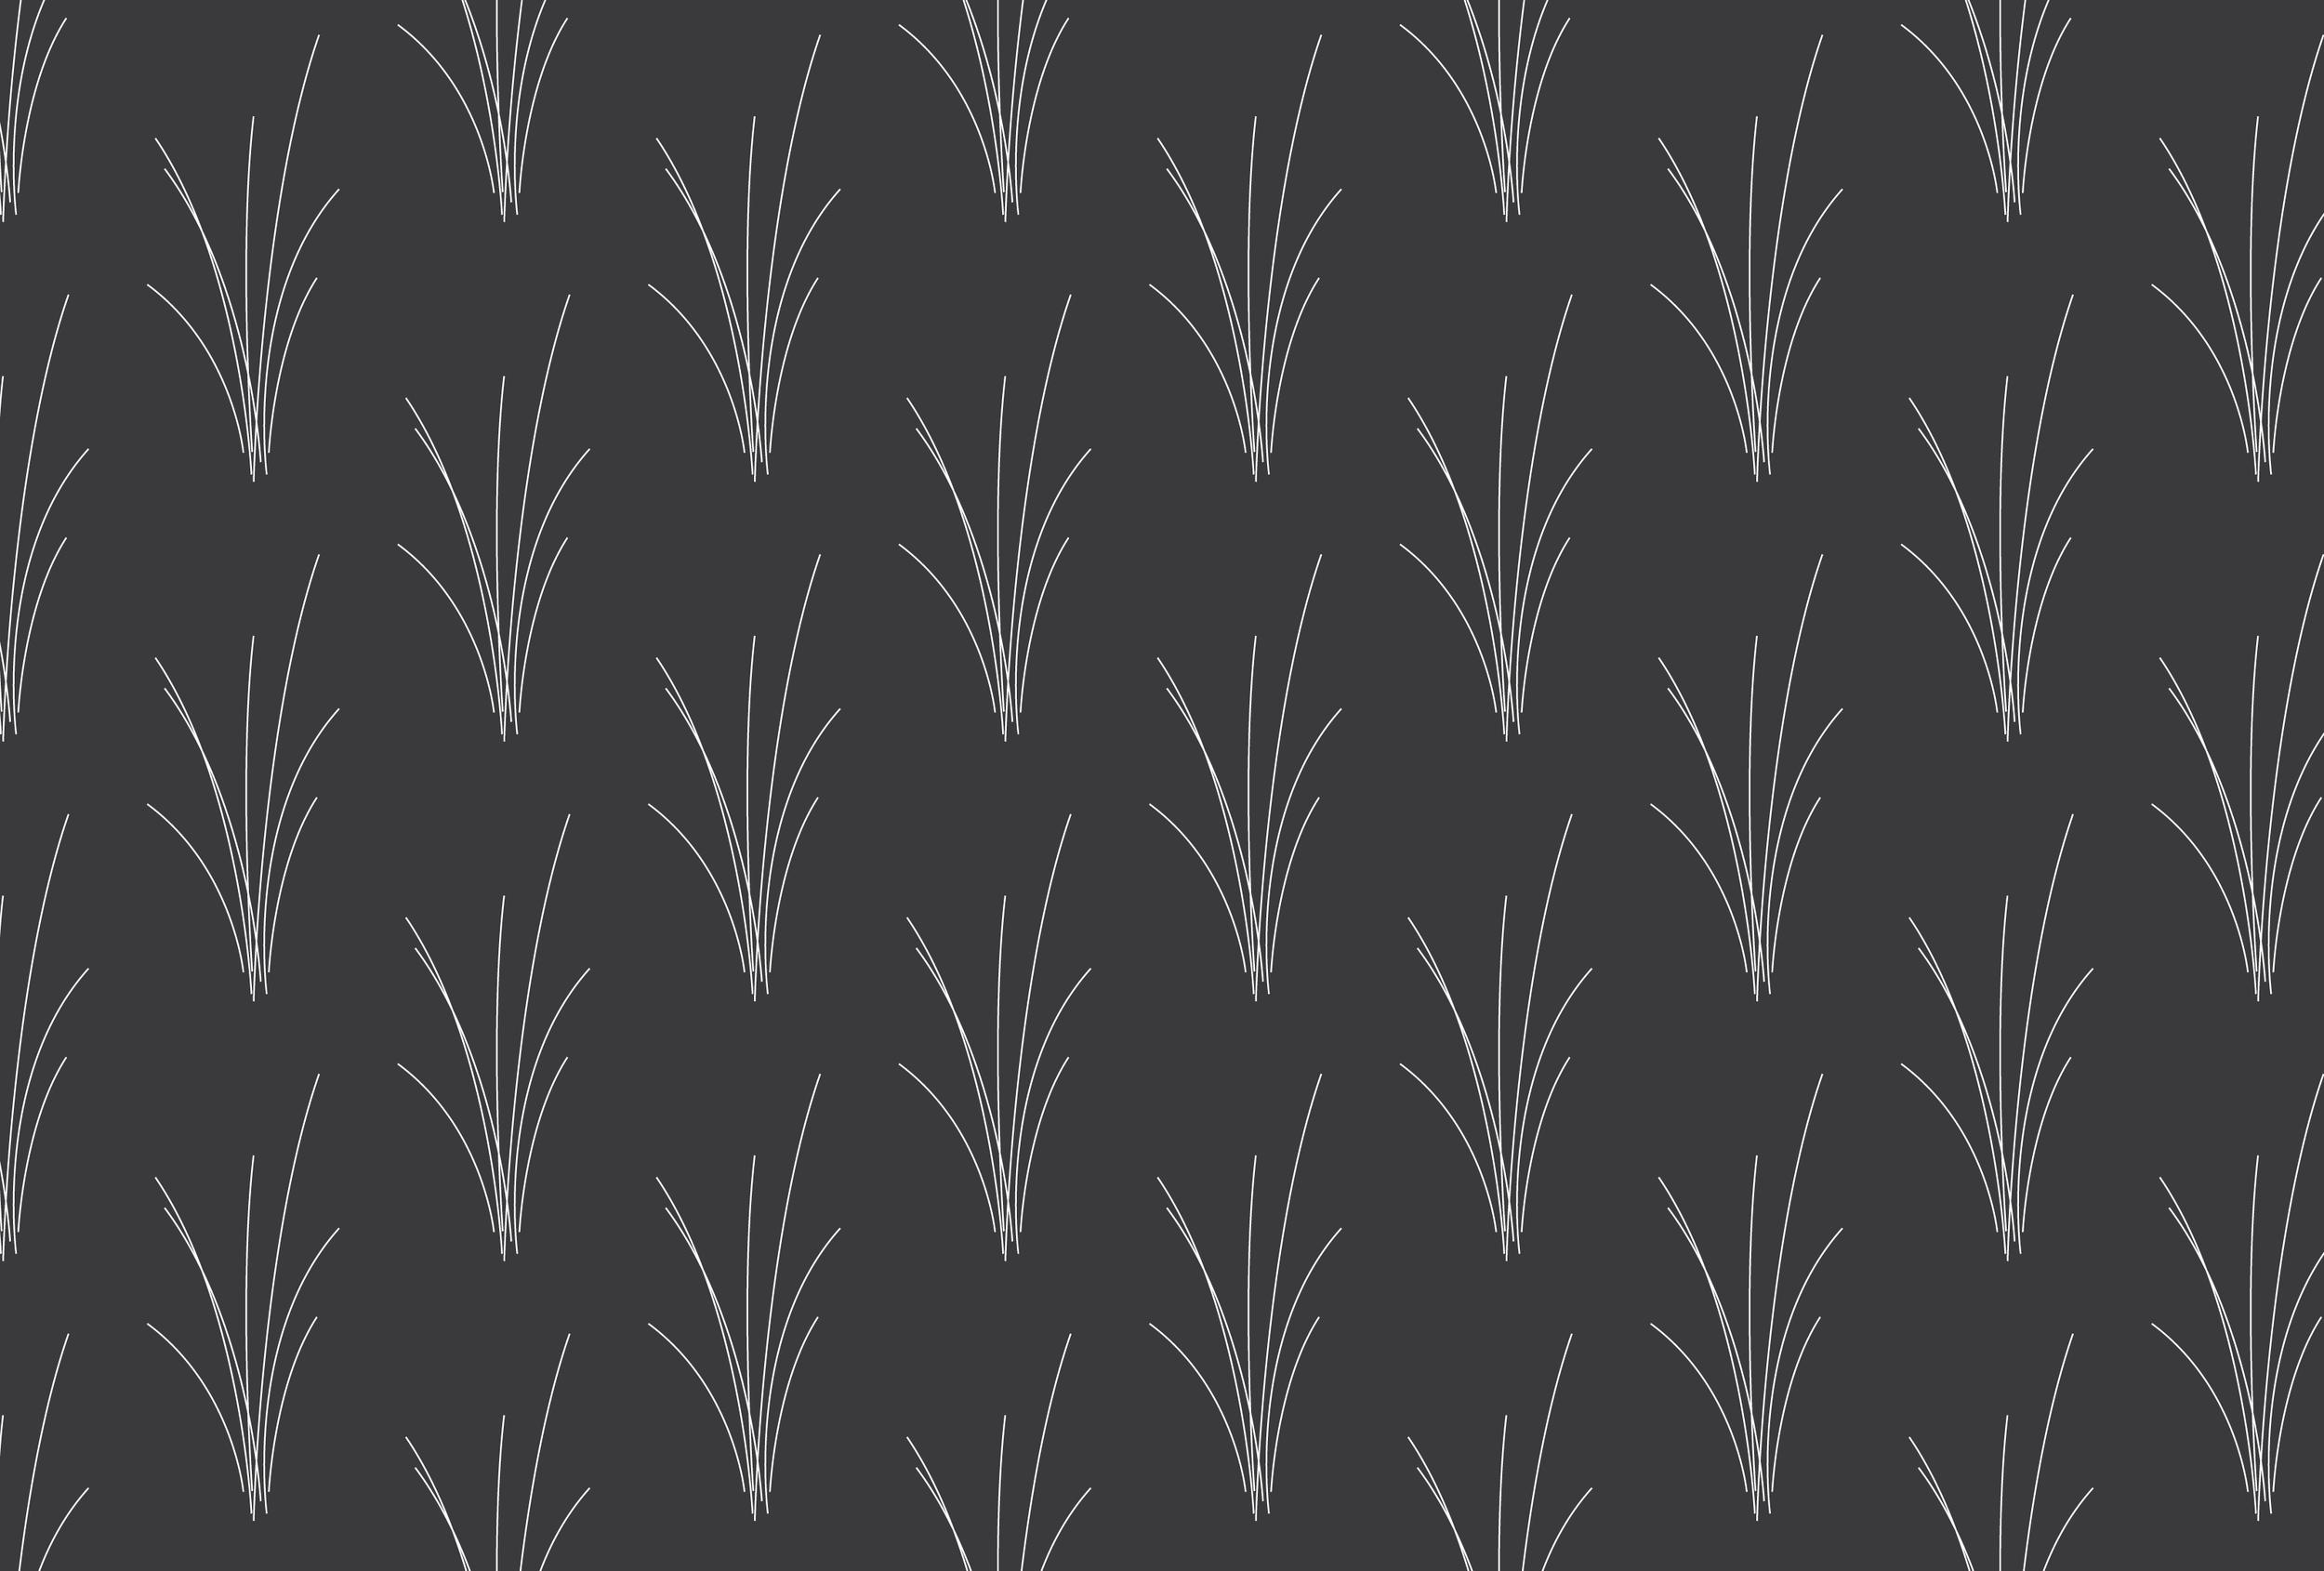 Tall-Grass.png